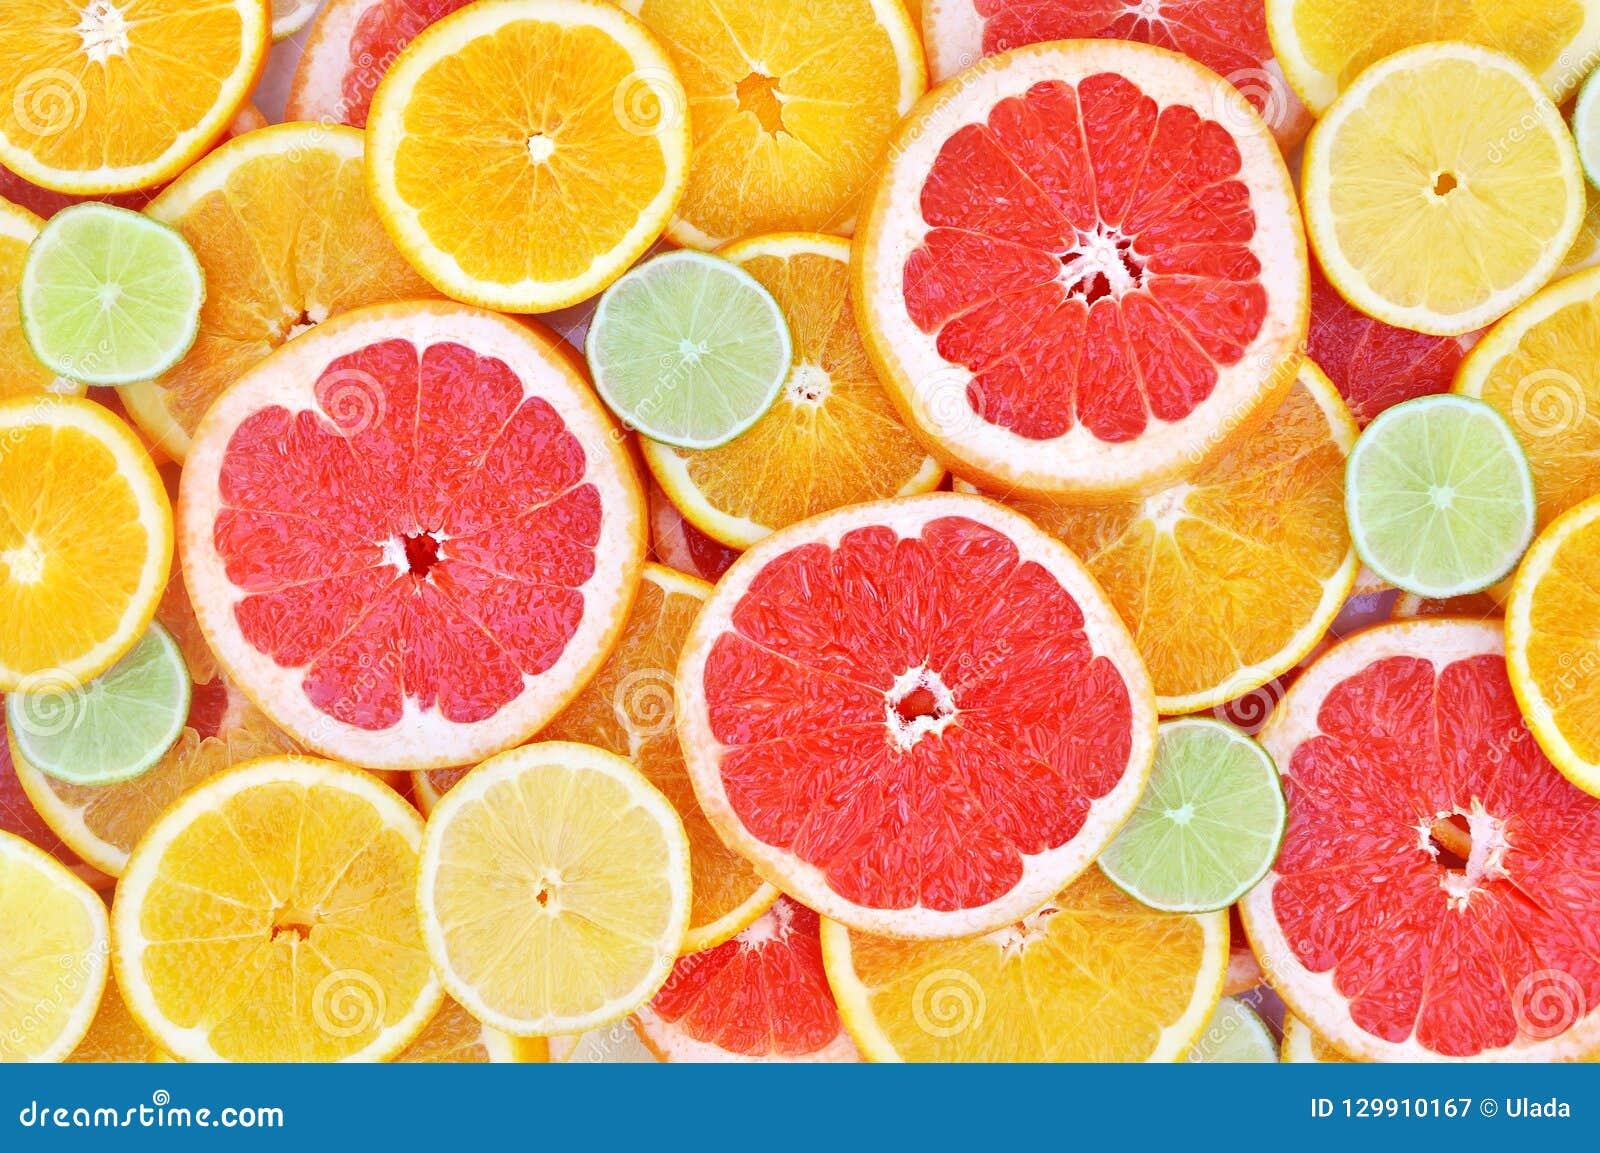 Verse rijpe zoete citrusvruchten kleurrijke achtergrond: sinaasappel, grapefruit, kalk, citroen